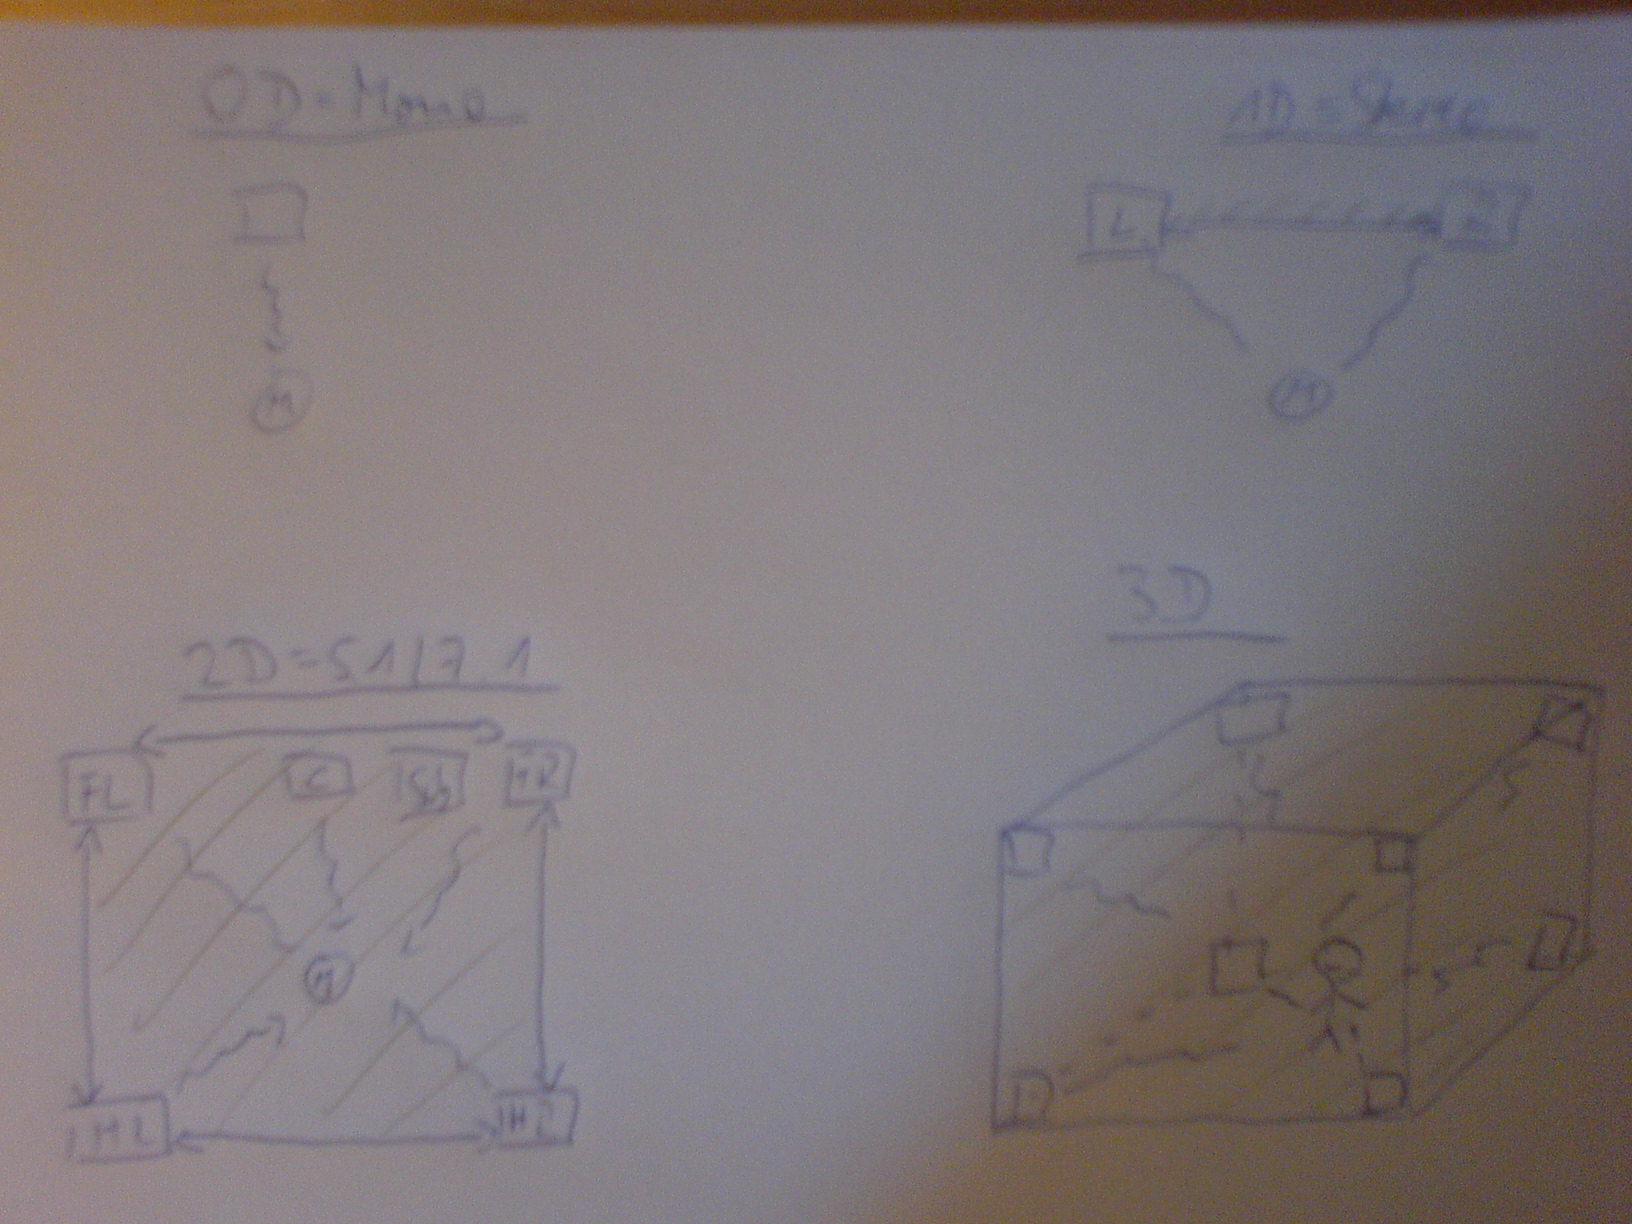 DSC00013.JPG.2d67d1fdf7b5fc1aa5deeb80ef6bee59.JPG